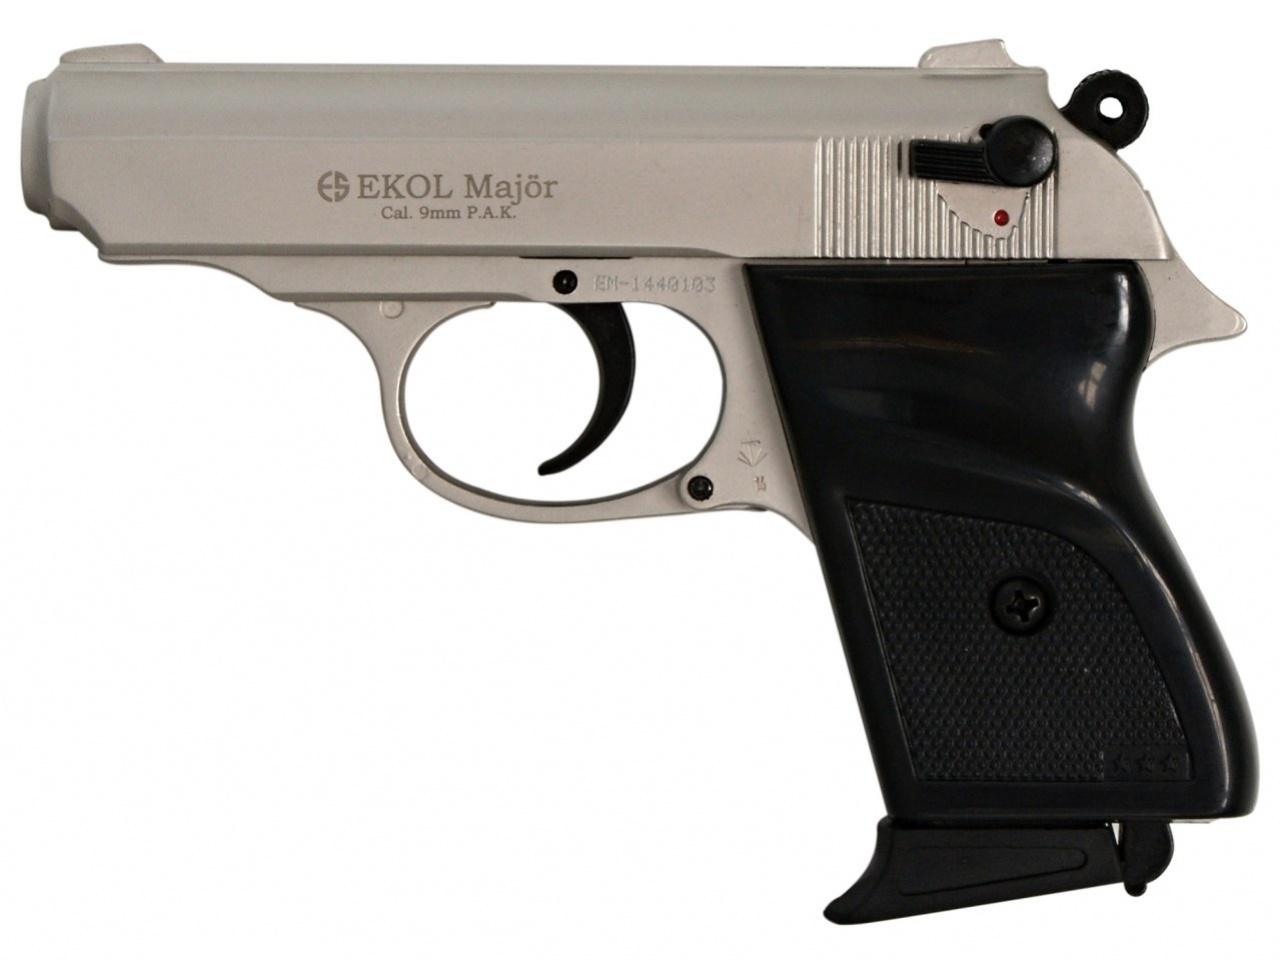 Pistolet gazowy Ekol Major satyn nikiel kal.9mm